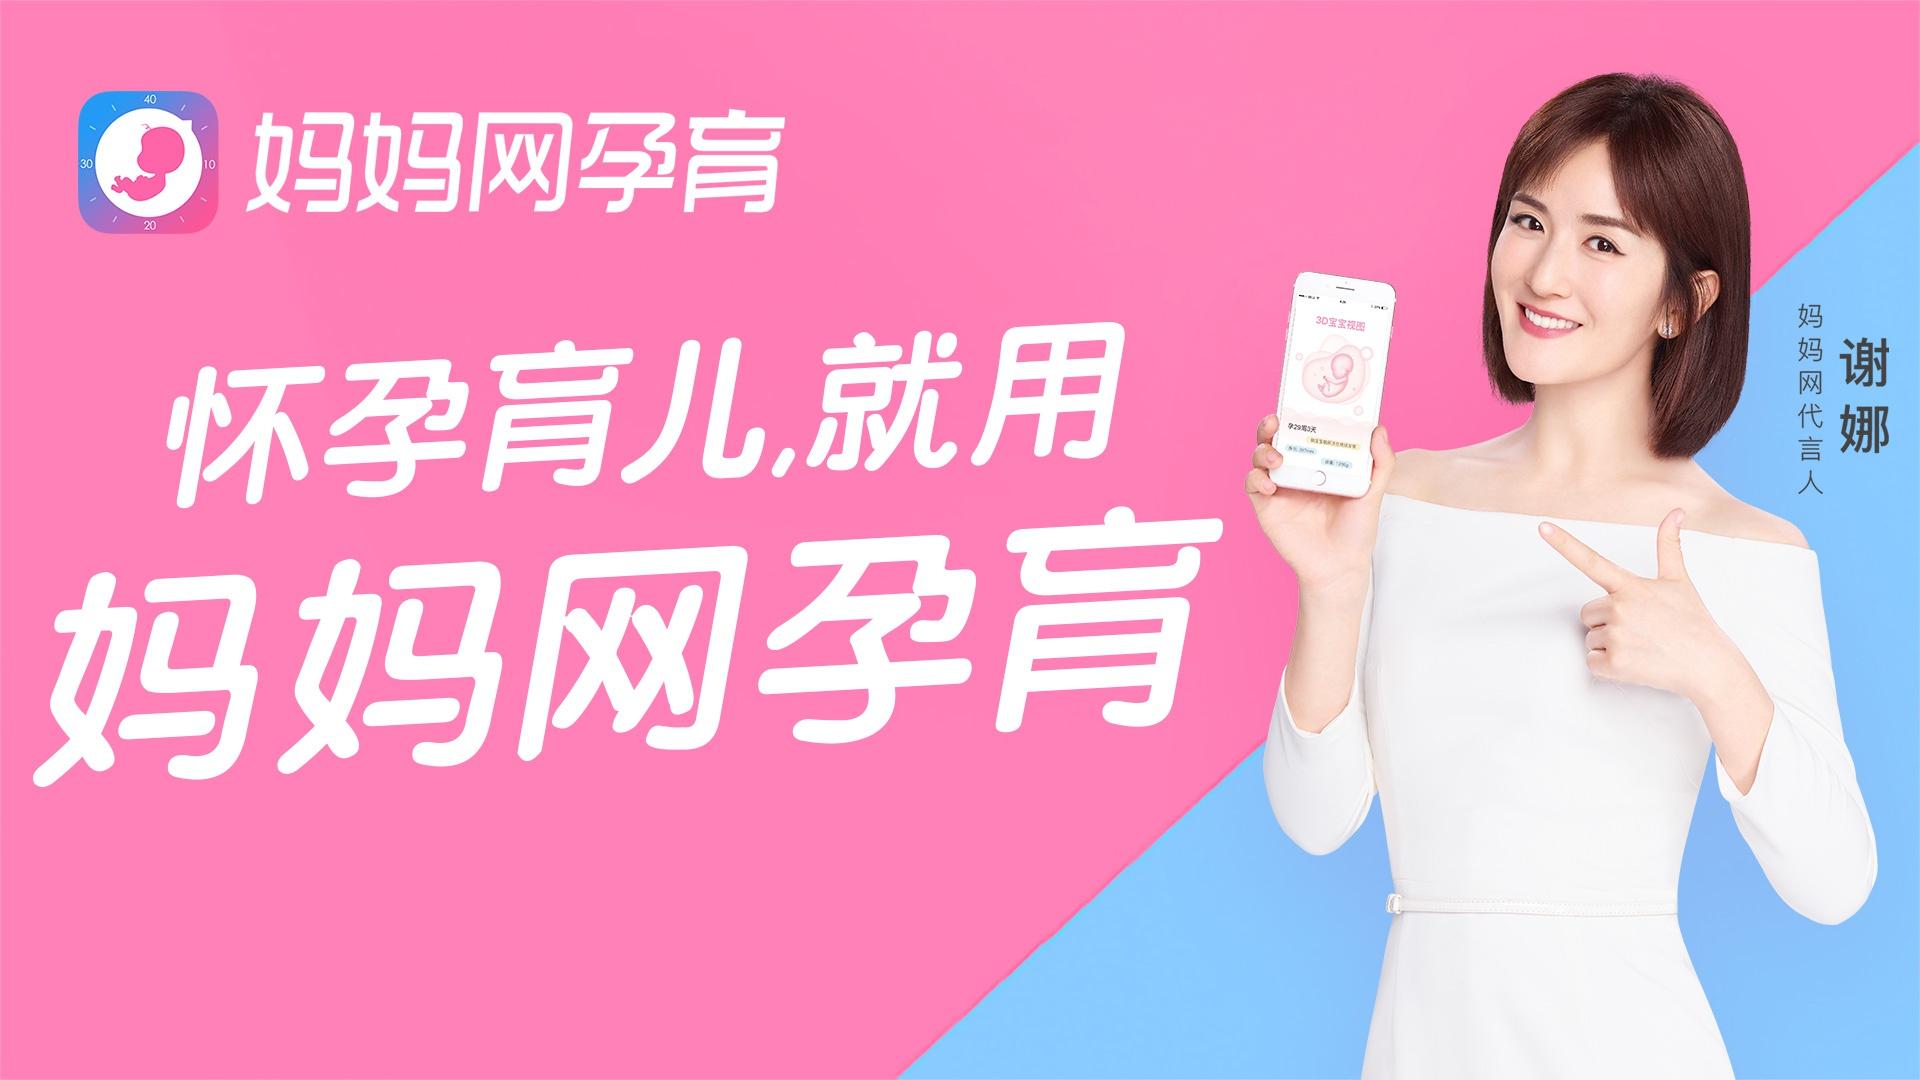 妈妈网CEO杨刚:互联网母婴是场长跑,浮躁即出局